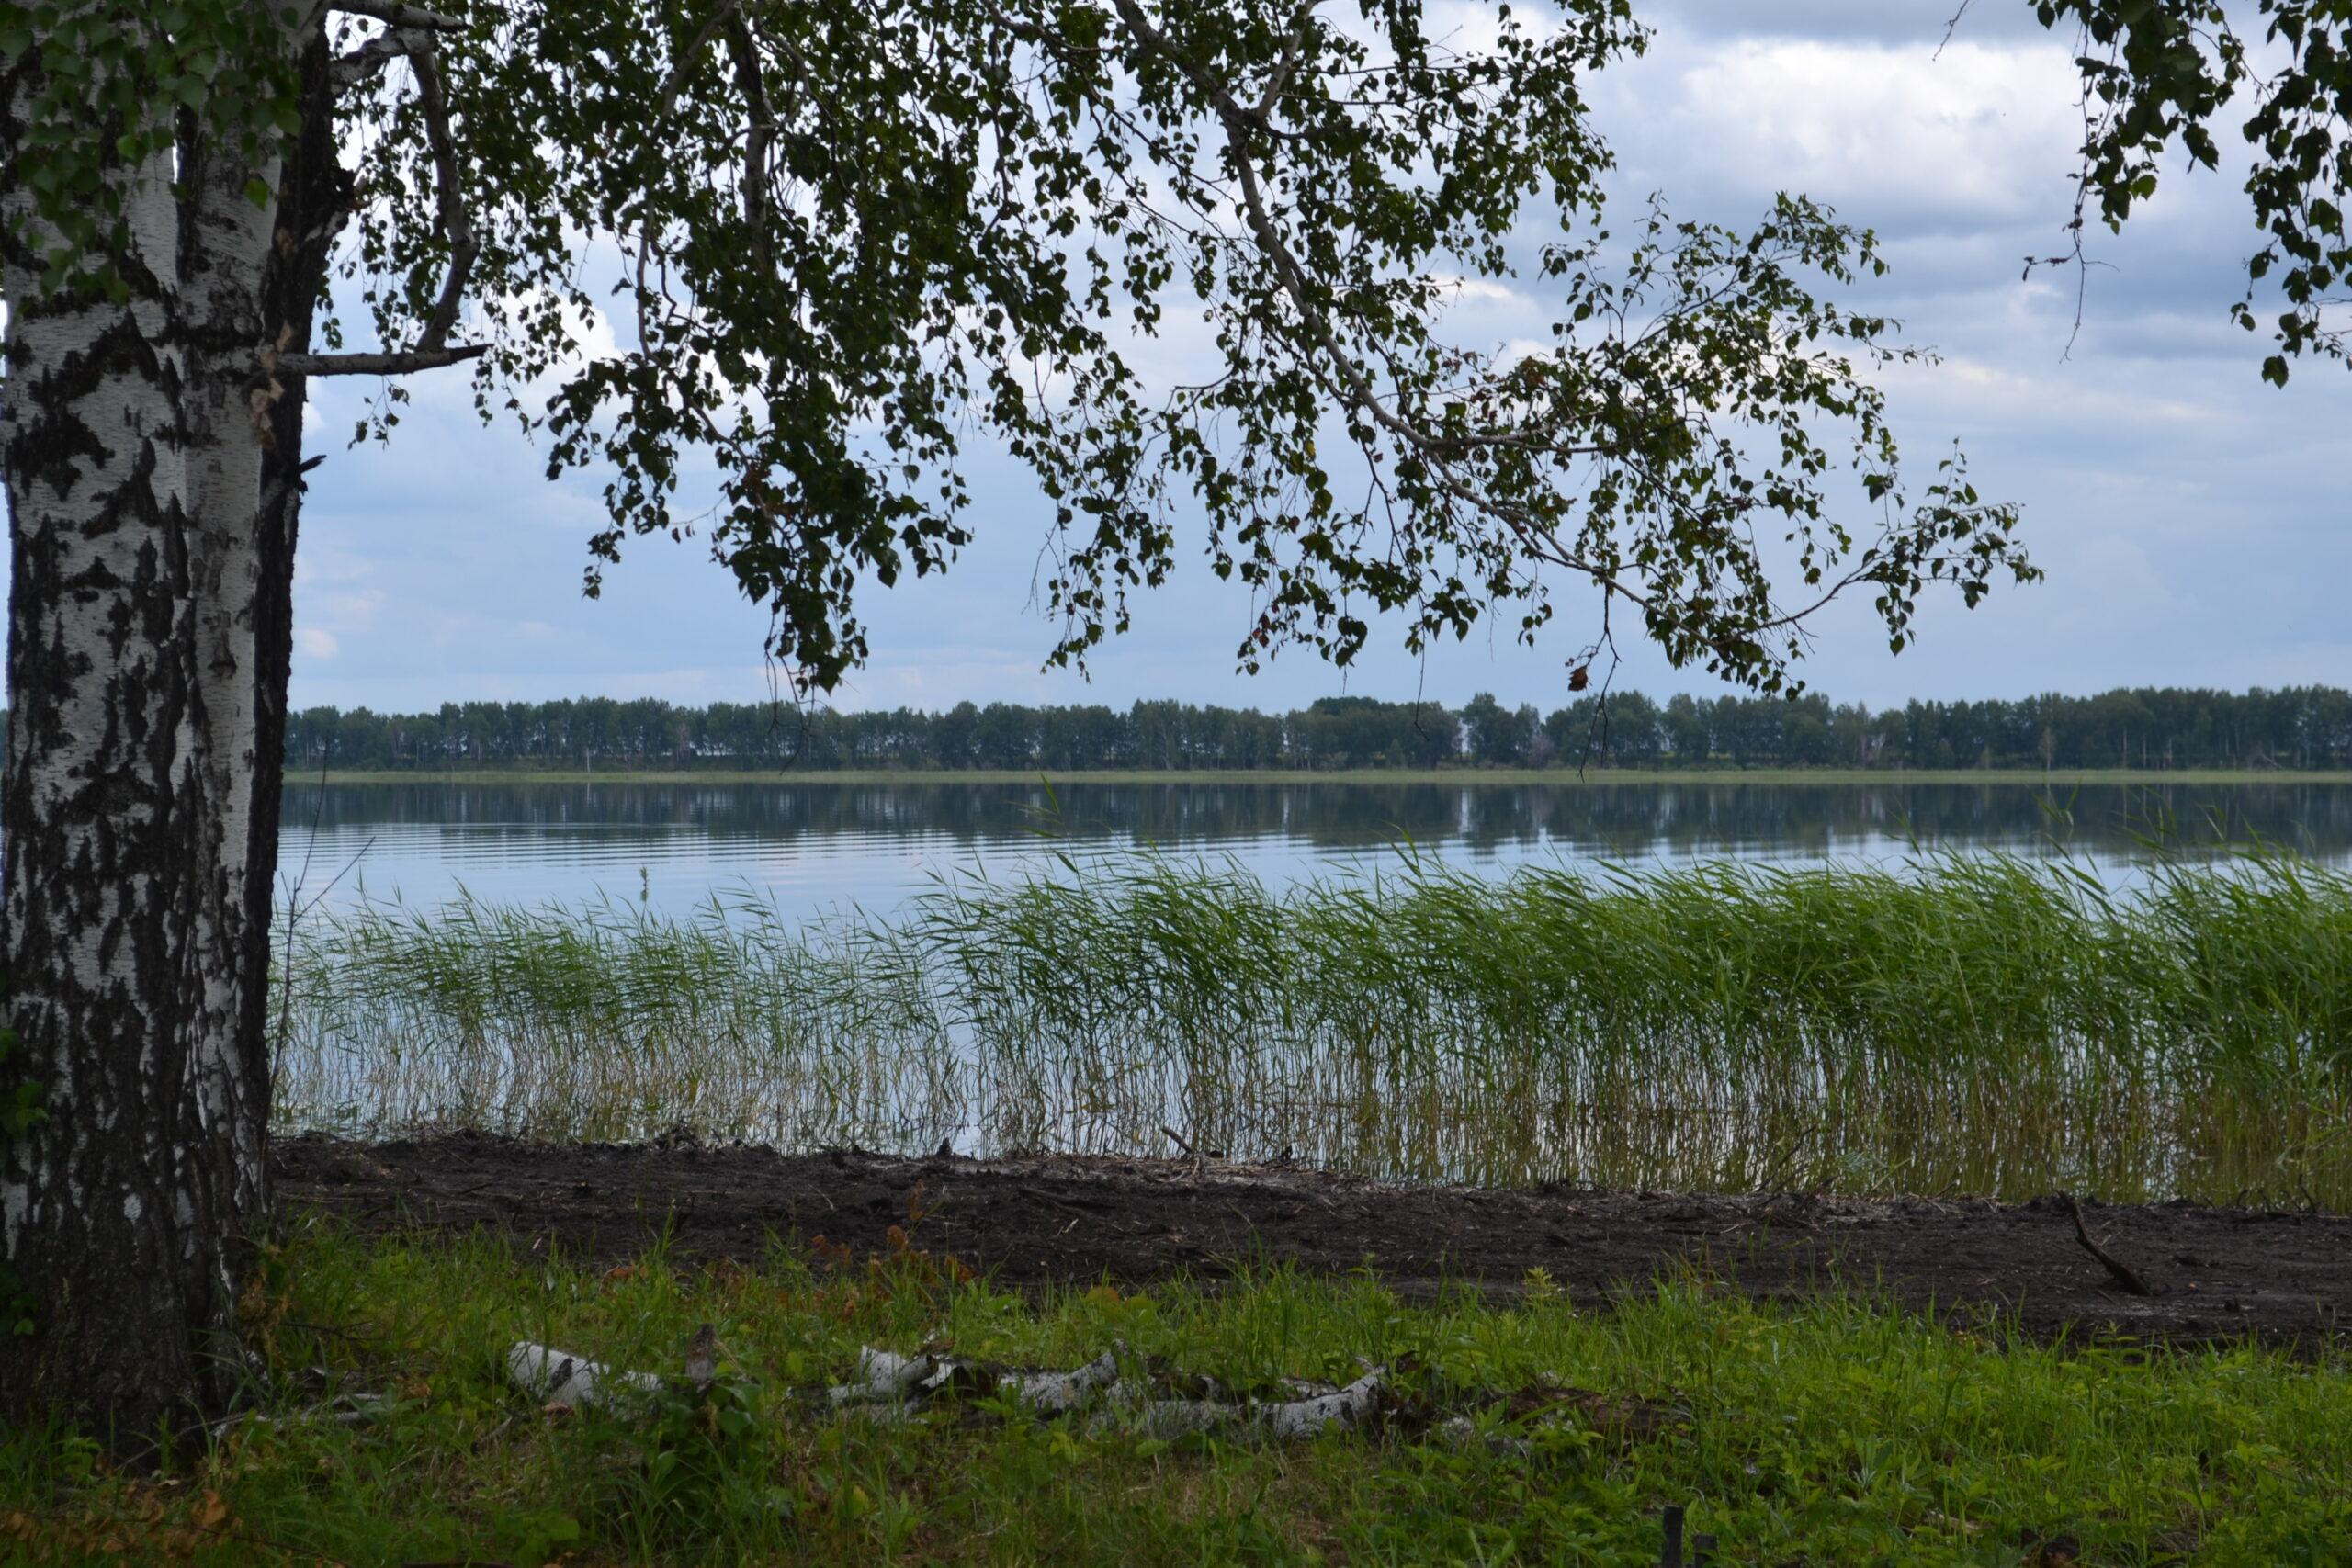 Абасткое, село Абатское, Тюменская область, озеро Маруха, природа Абатского, Малые города - удивительные достопримечательности,